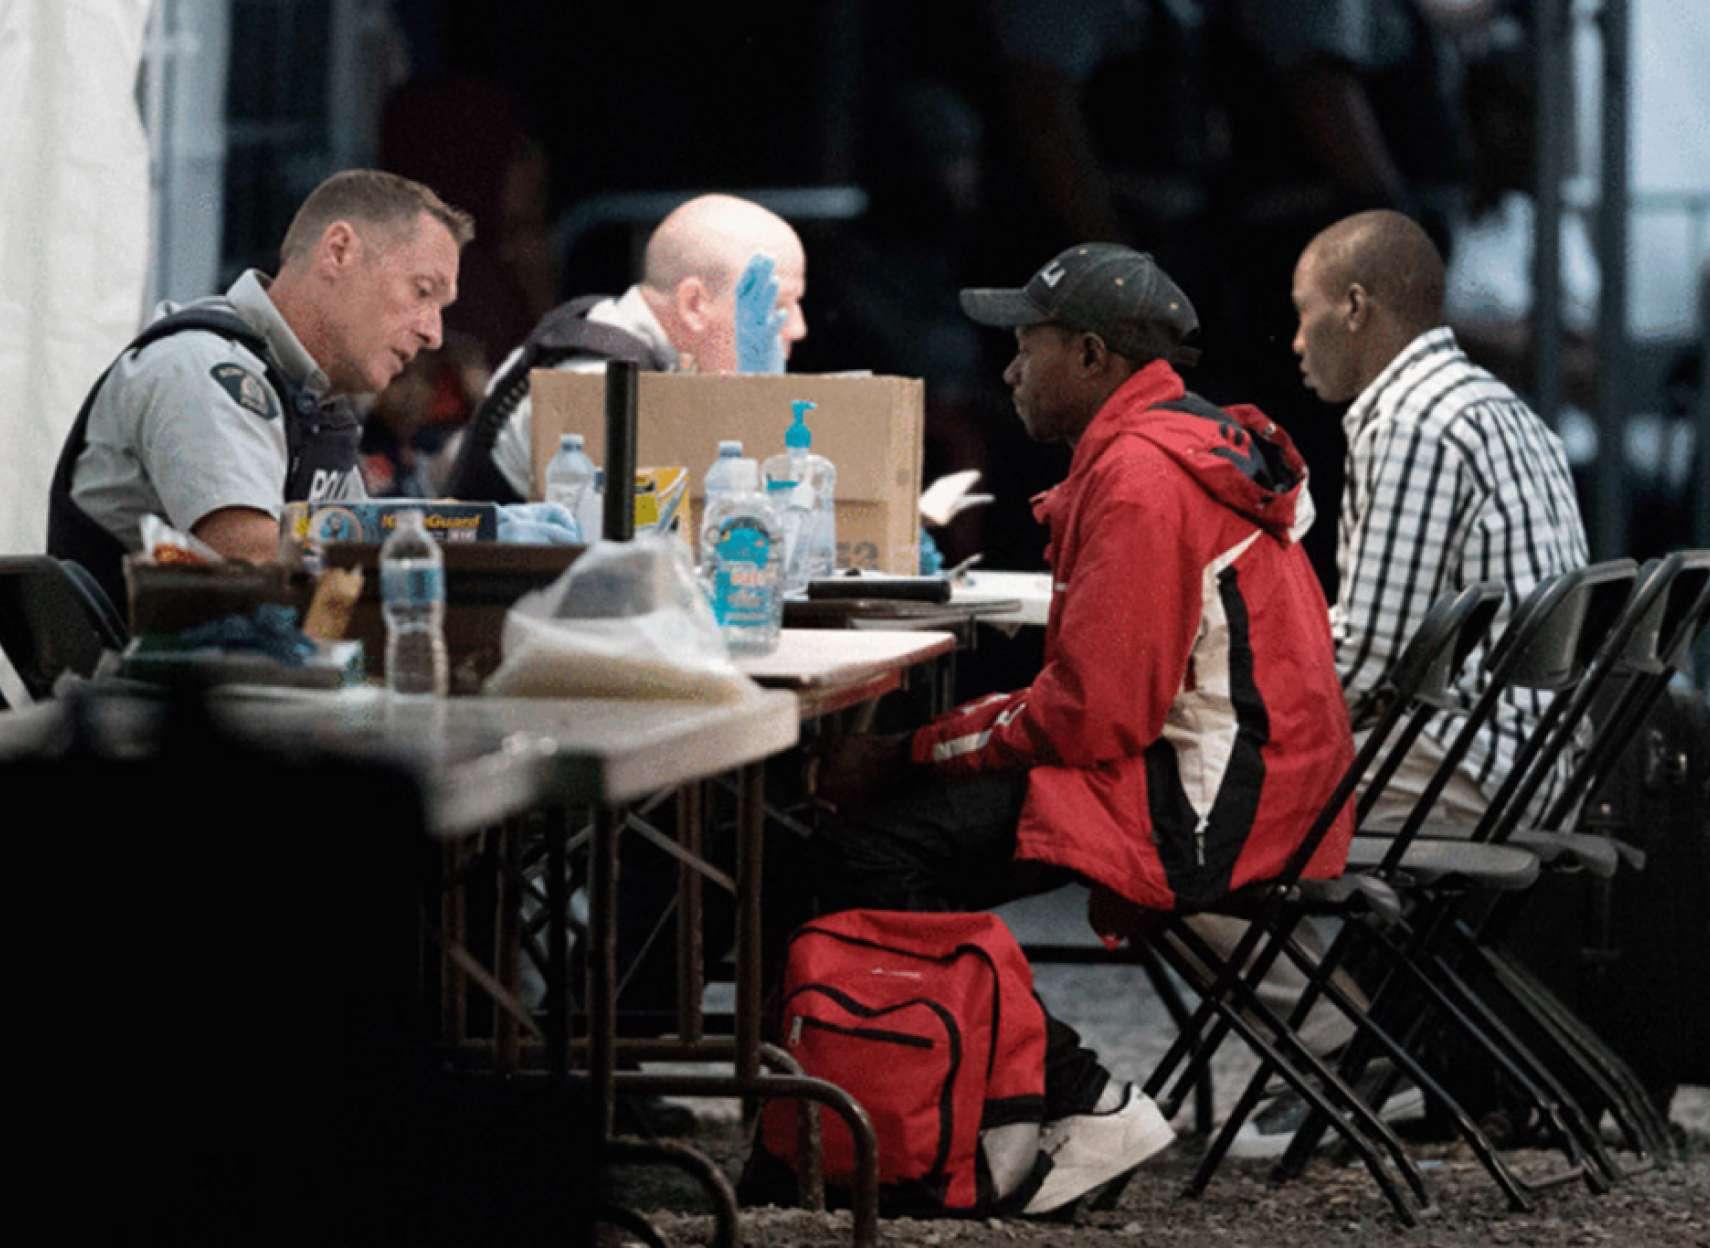 اخبار-کانادا-نهصد-پناهنده-در-طی-2-سال-گذشته-از-کانادا-اخراج-شدند